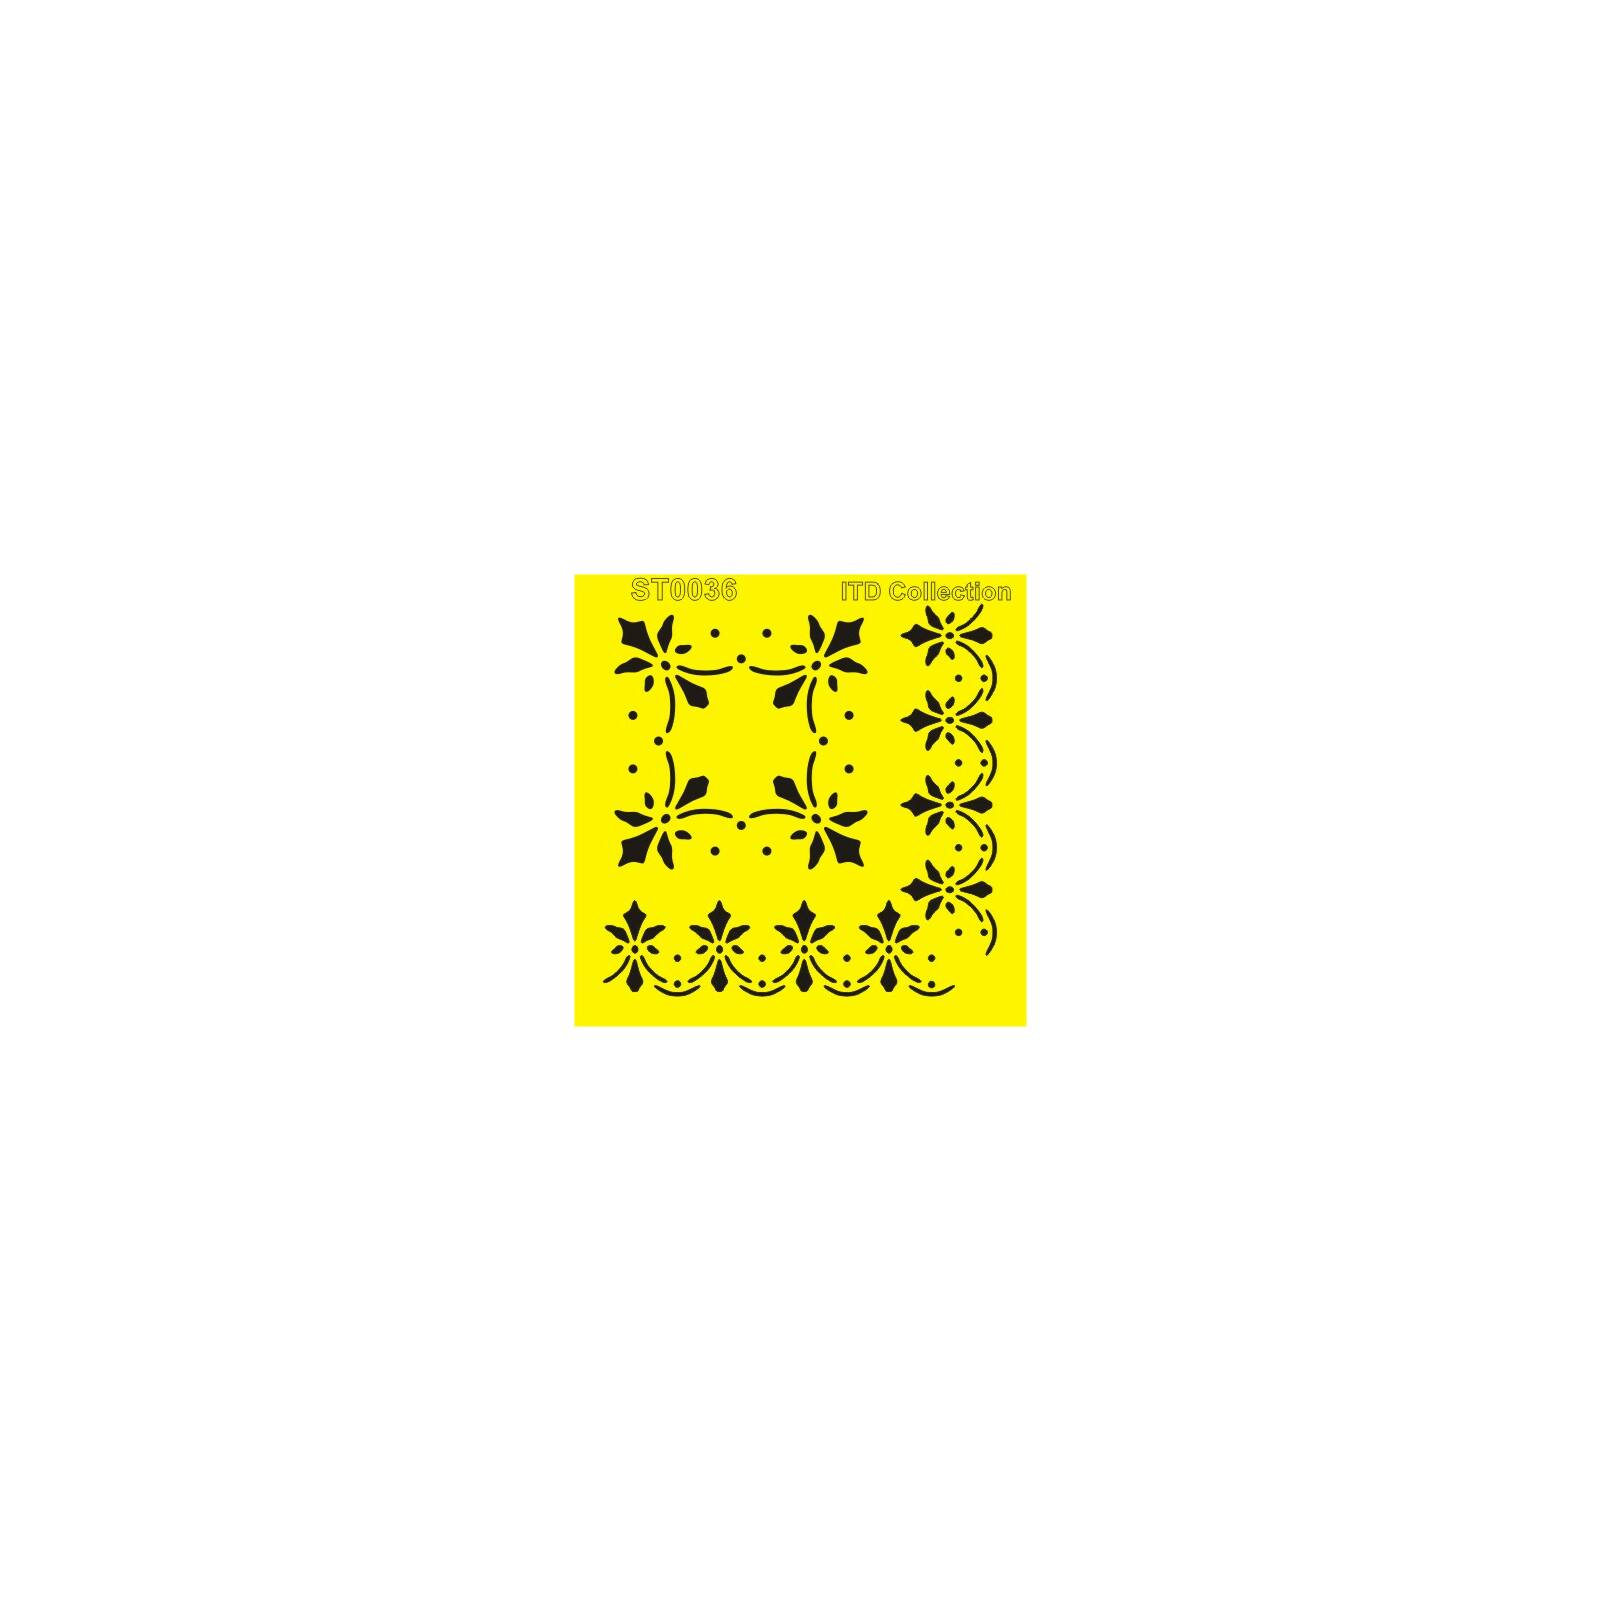 ST0036B